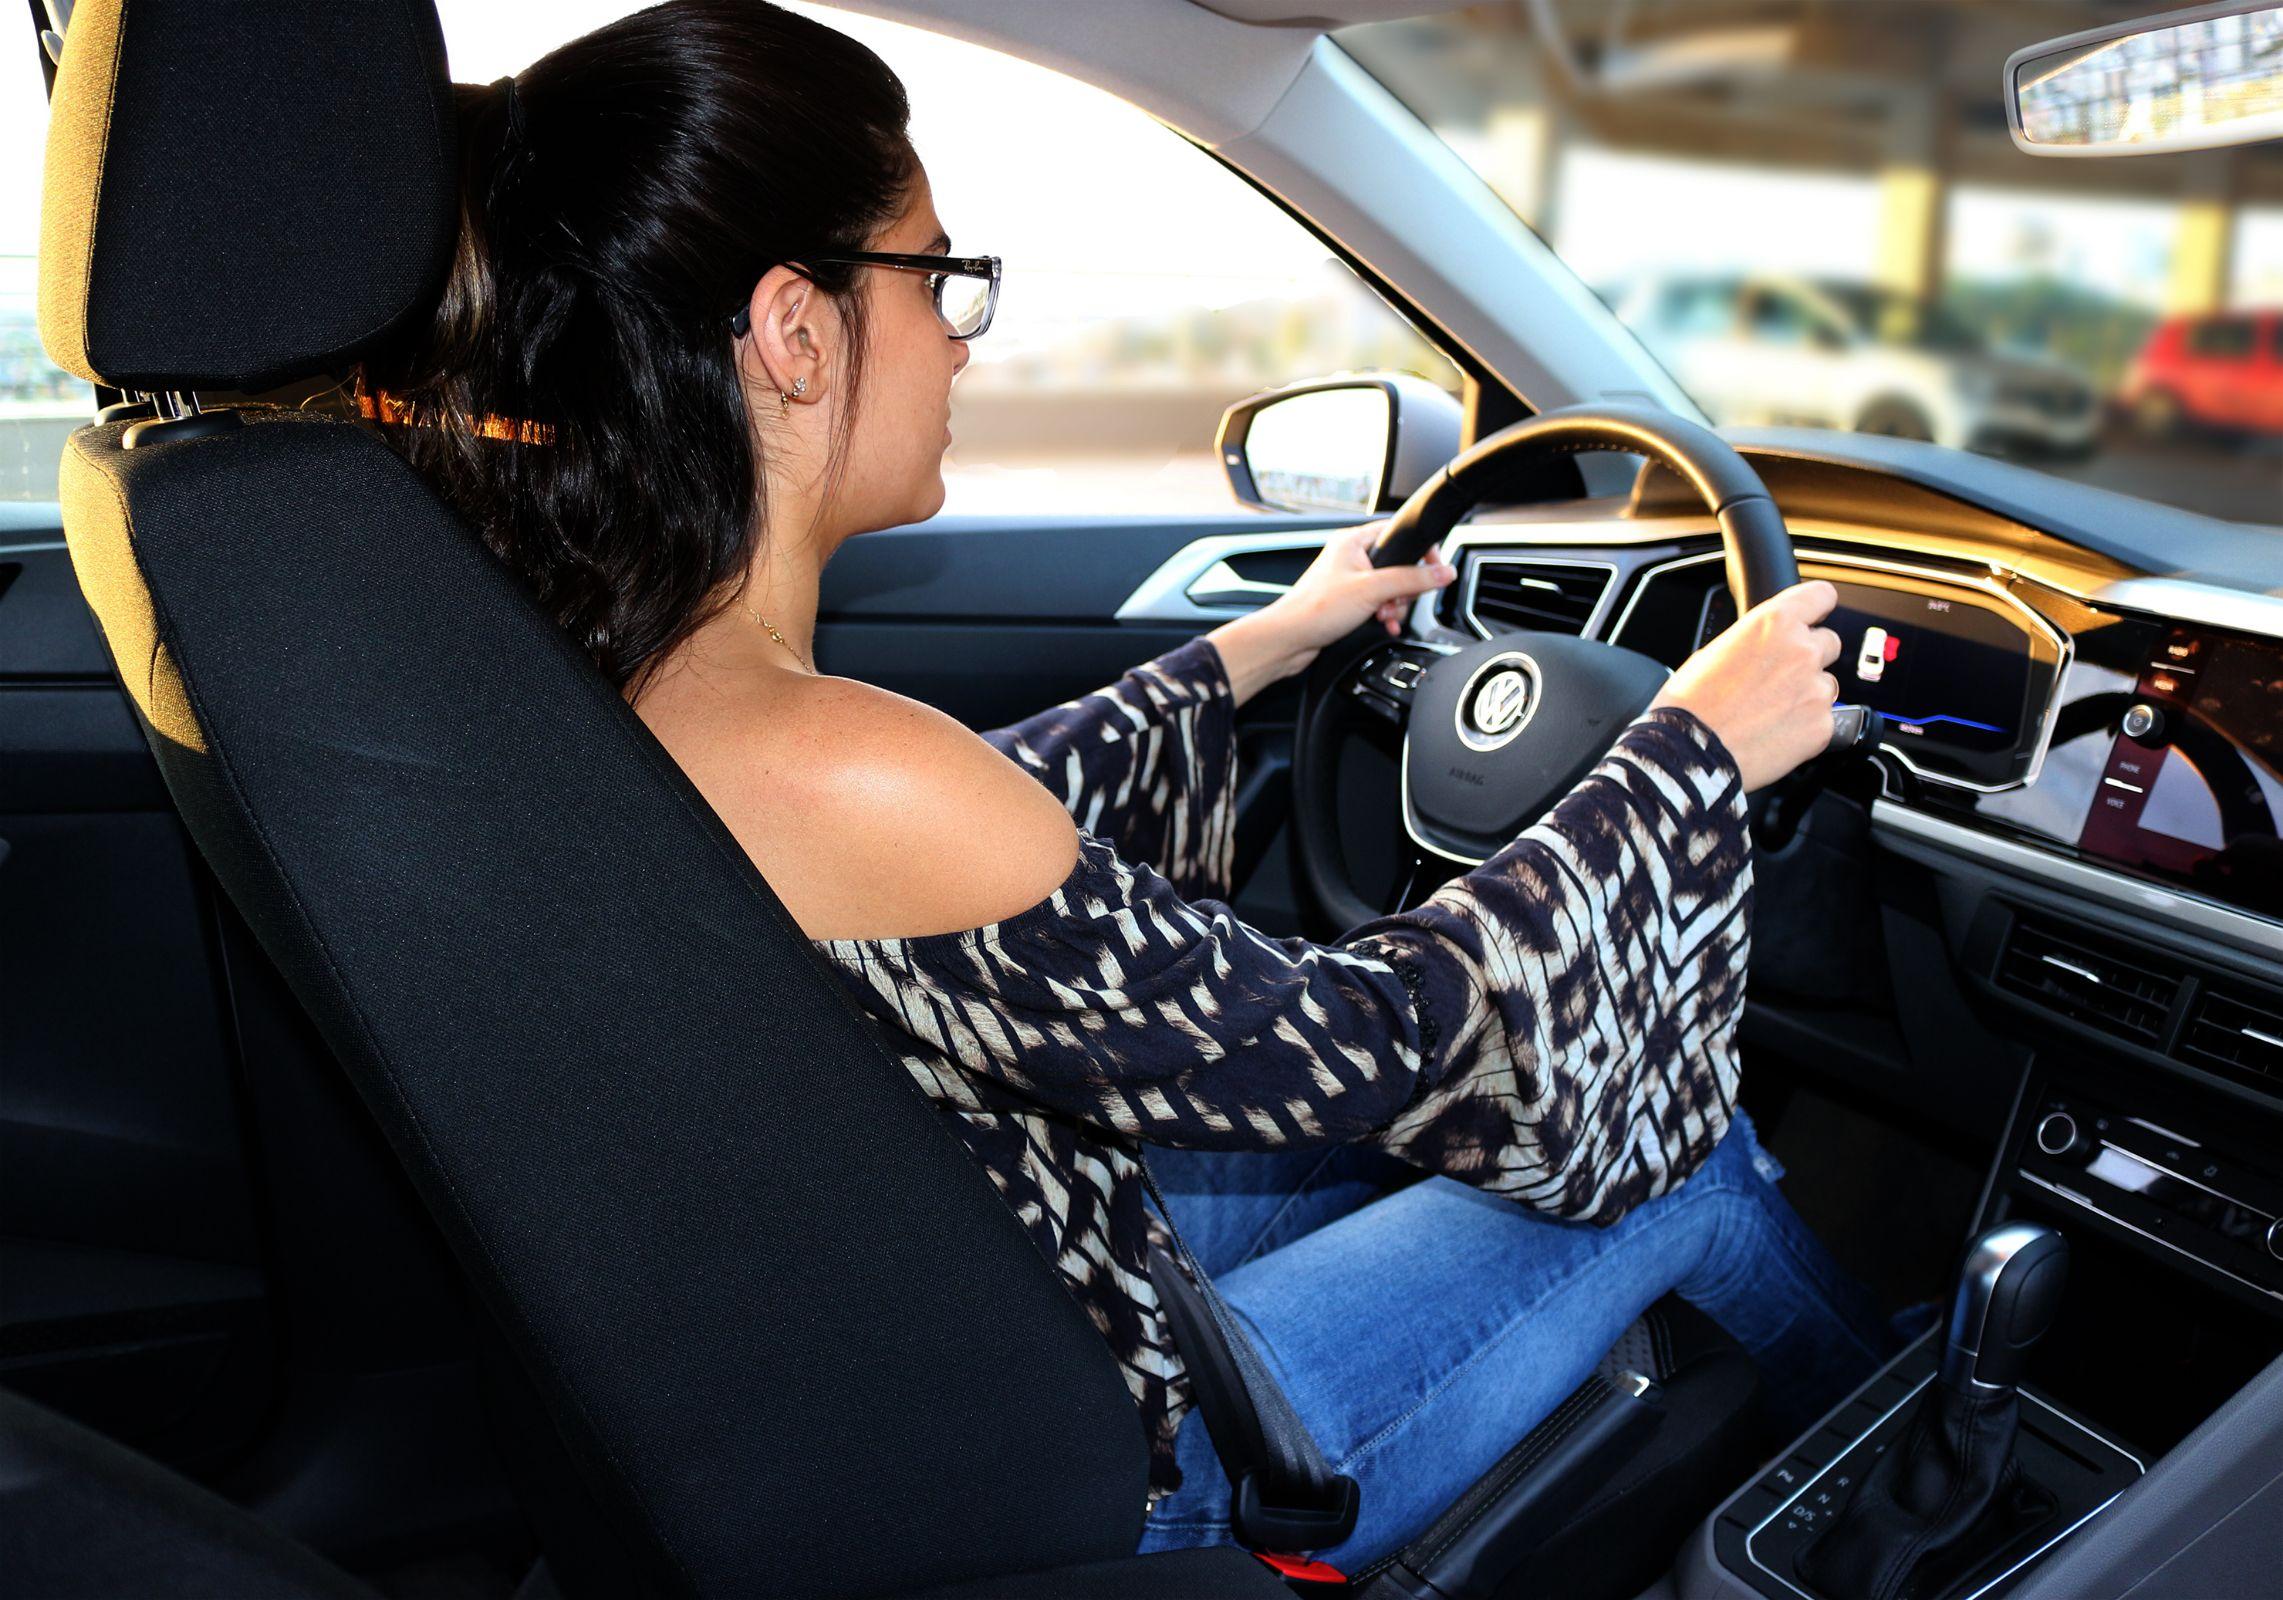 Você está atento à sua saúde no carro? Confira 13 dicas para postura que garantem de bem-estar, segurança e evitam traumas, lesões e dores musculares.